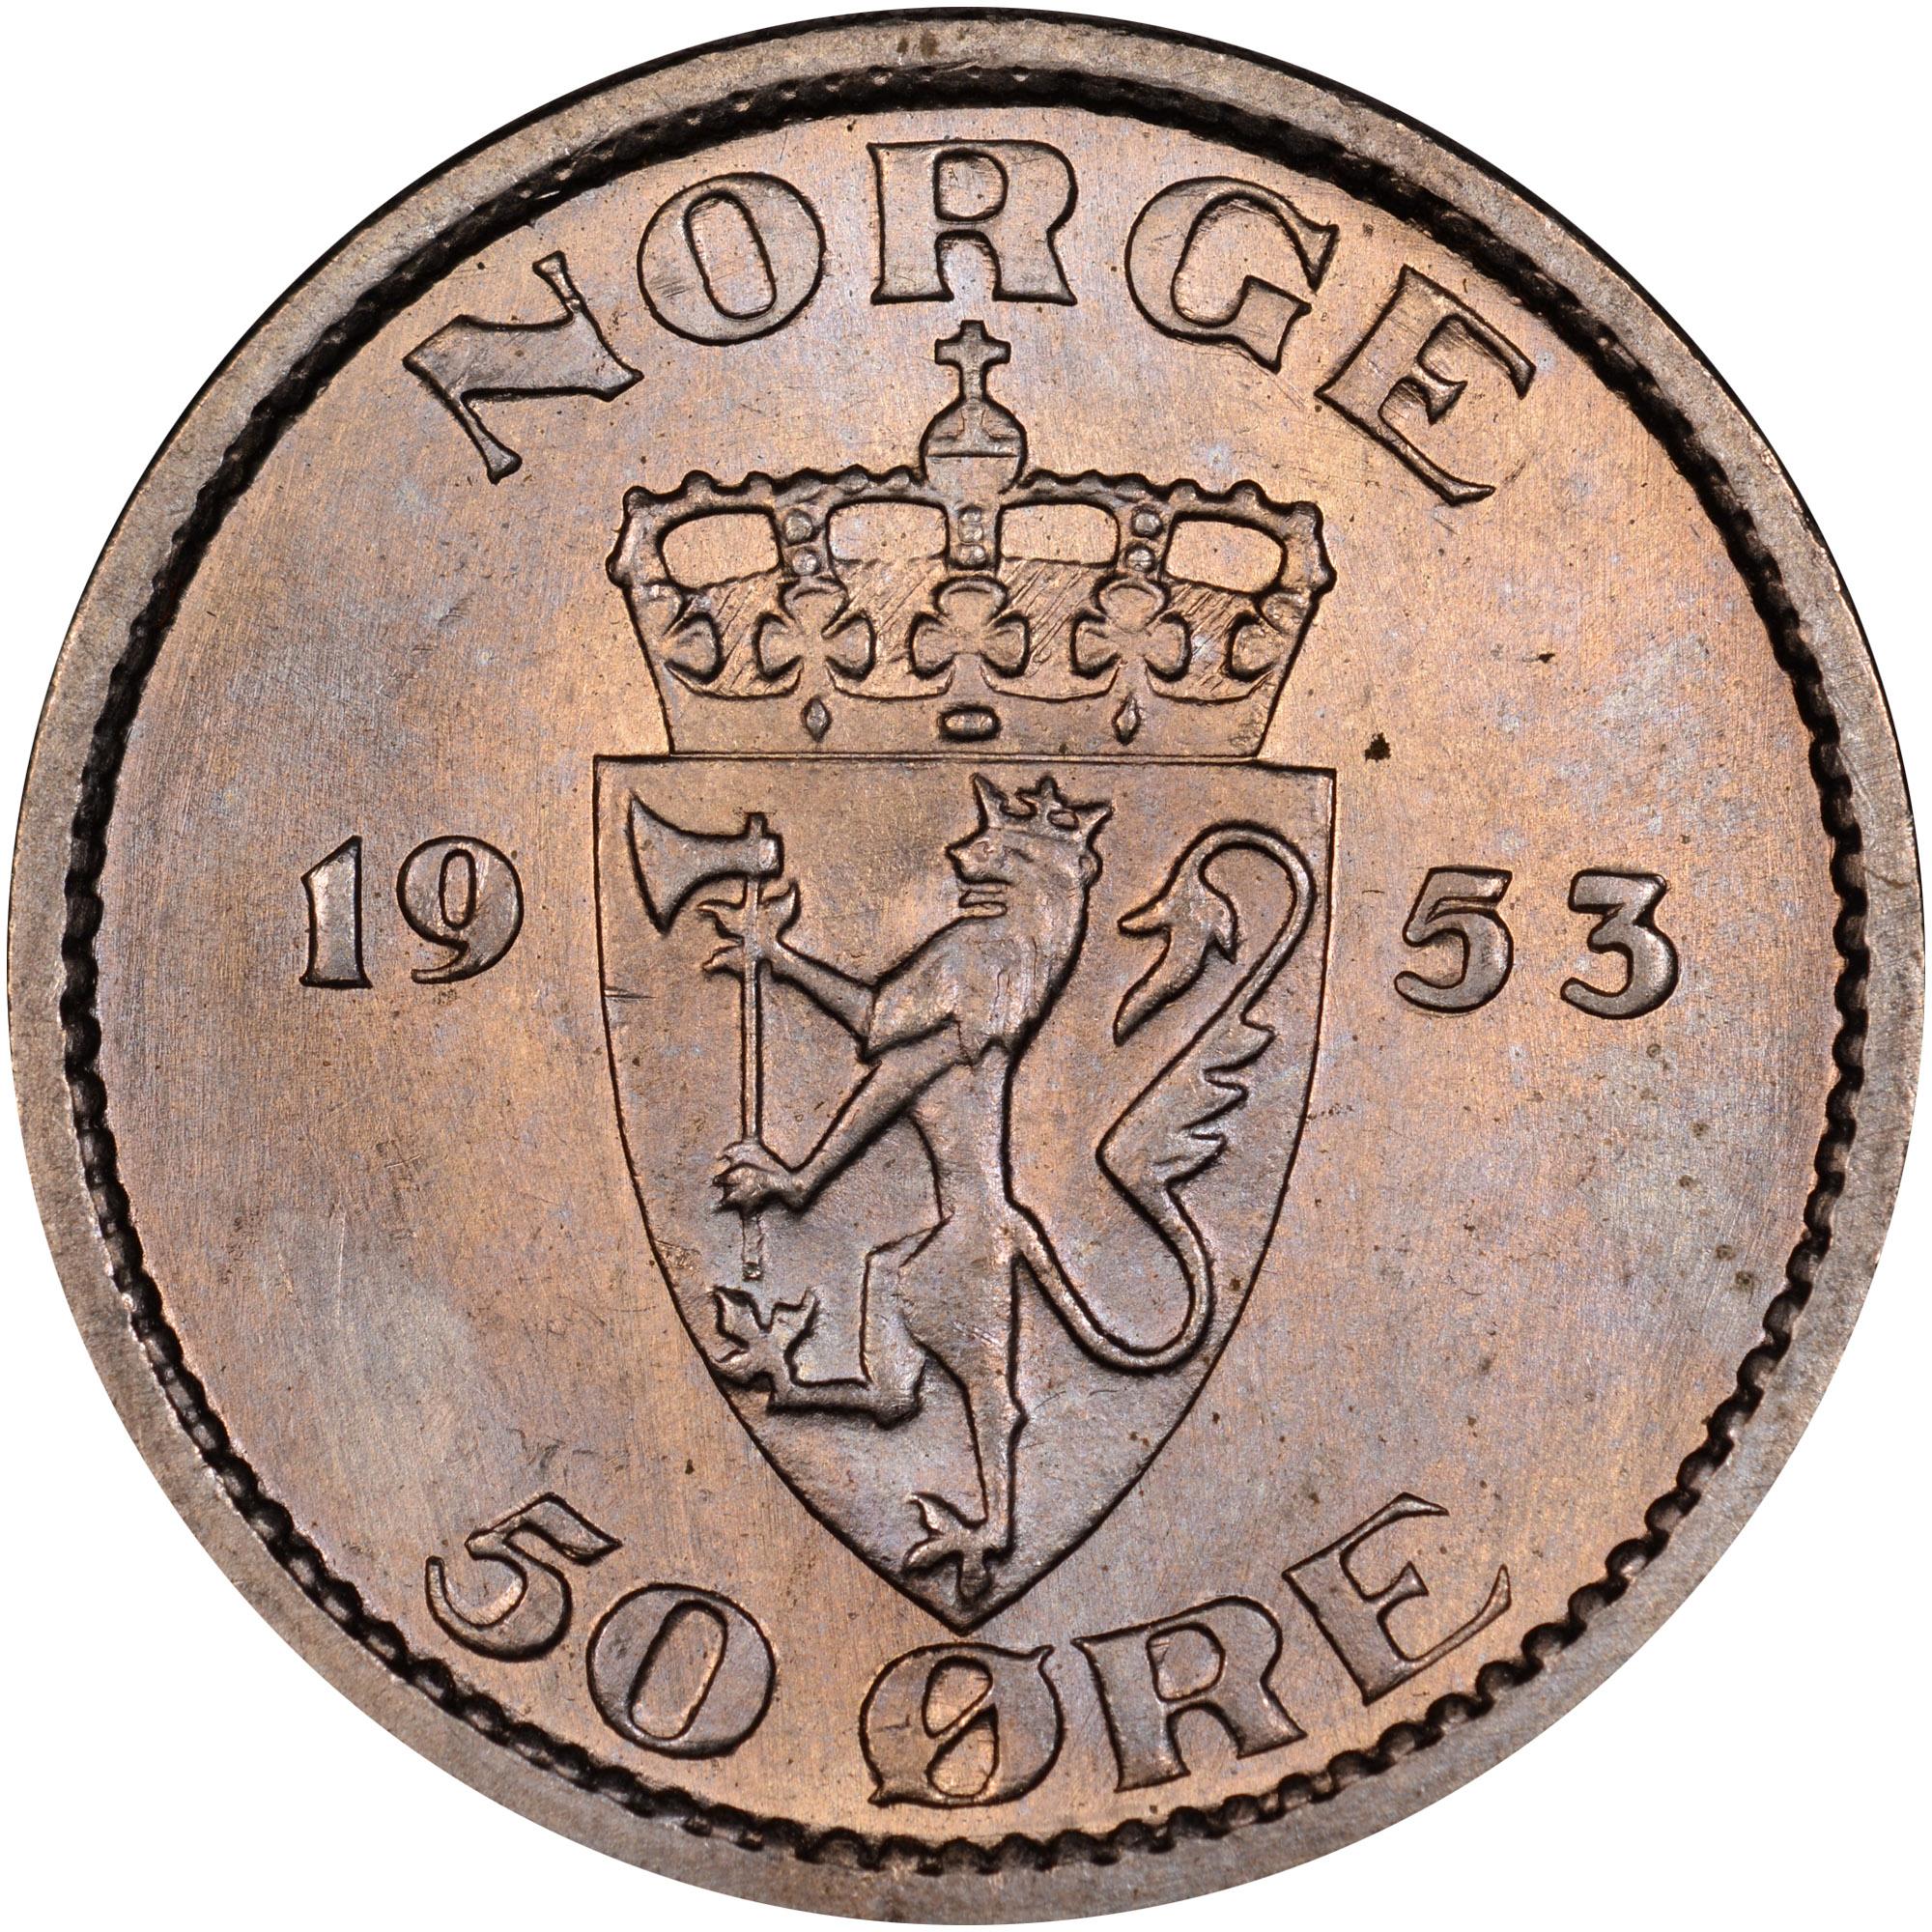 1953-1957 Norway 50 Ore reverse